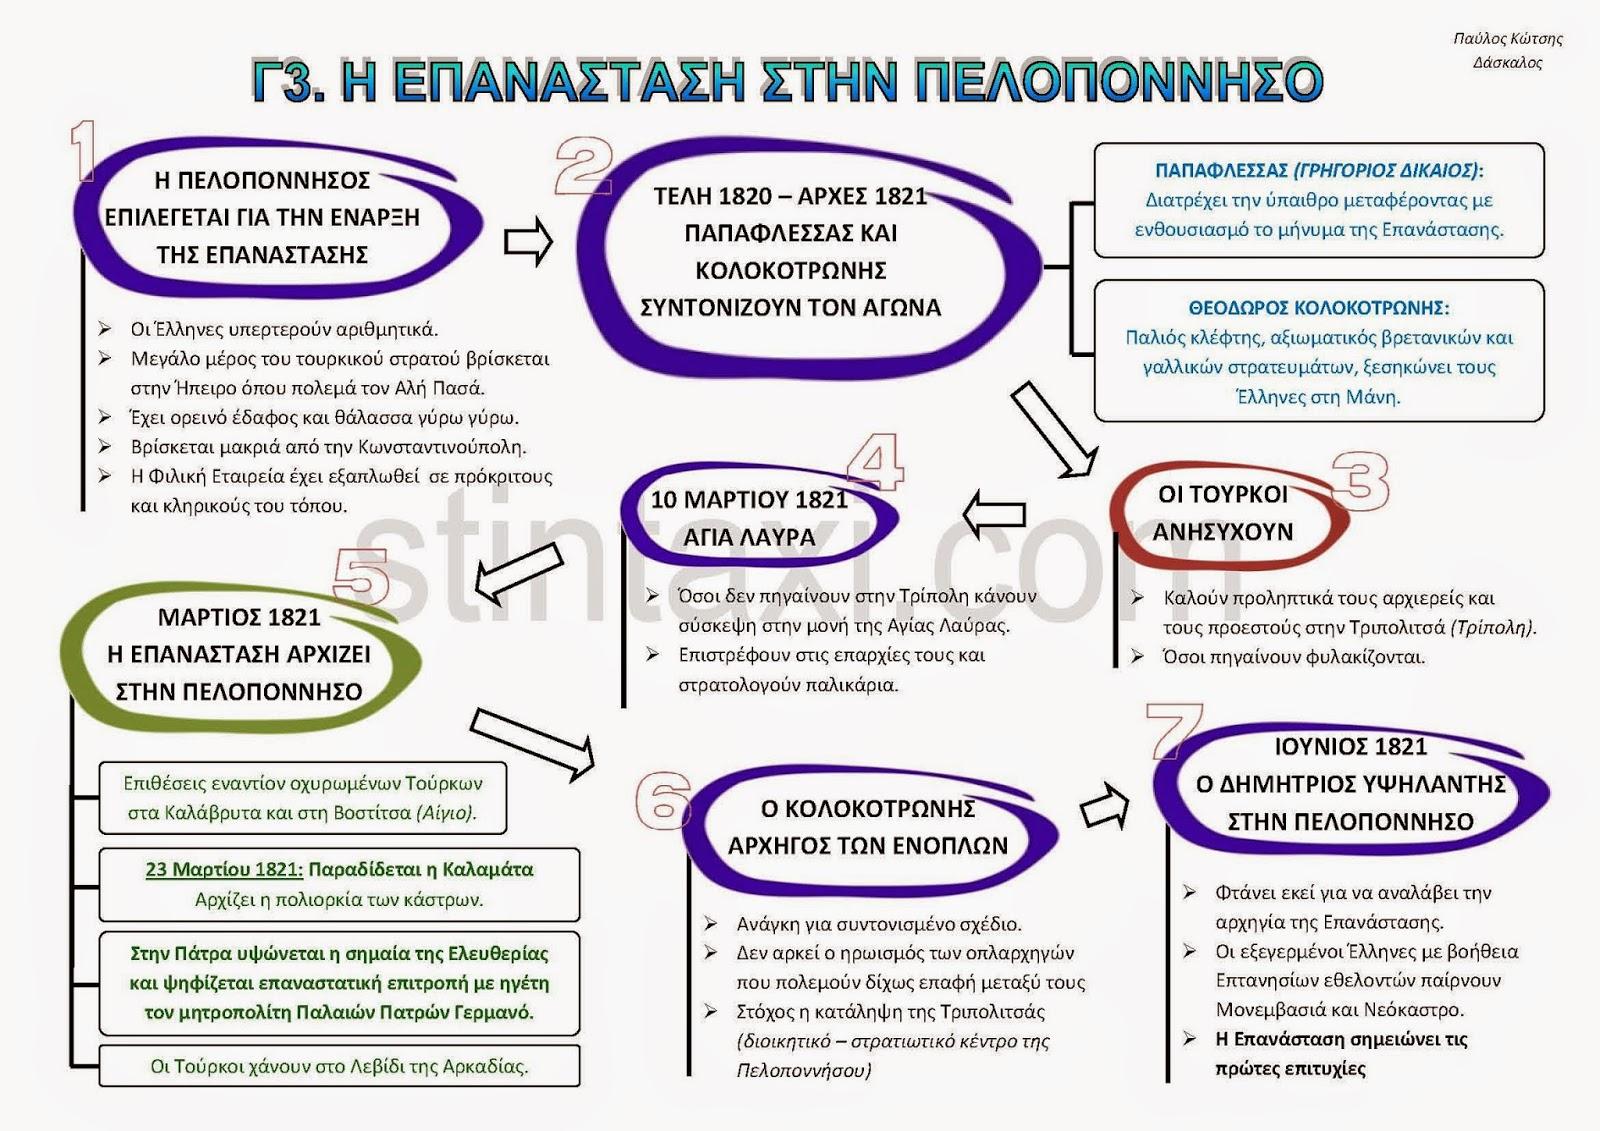 http://www.stintaxi.com/uploads/1/3/1/0/13100858/c3-epanast-pelopon-v2.1.pdf